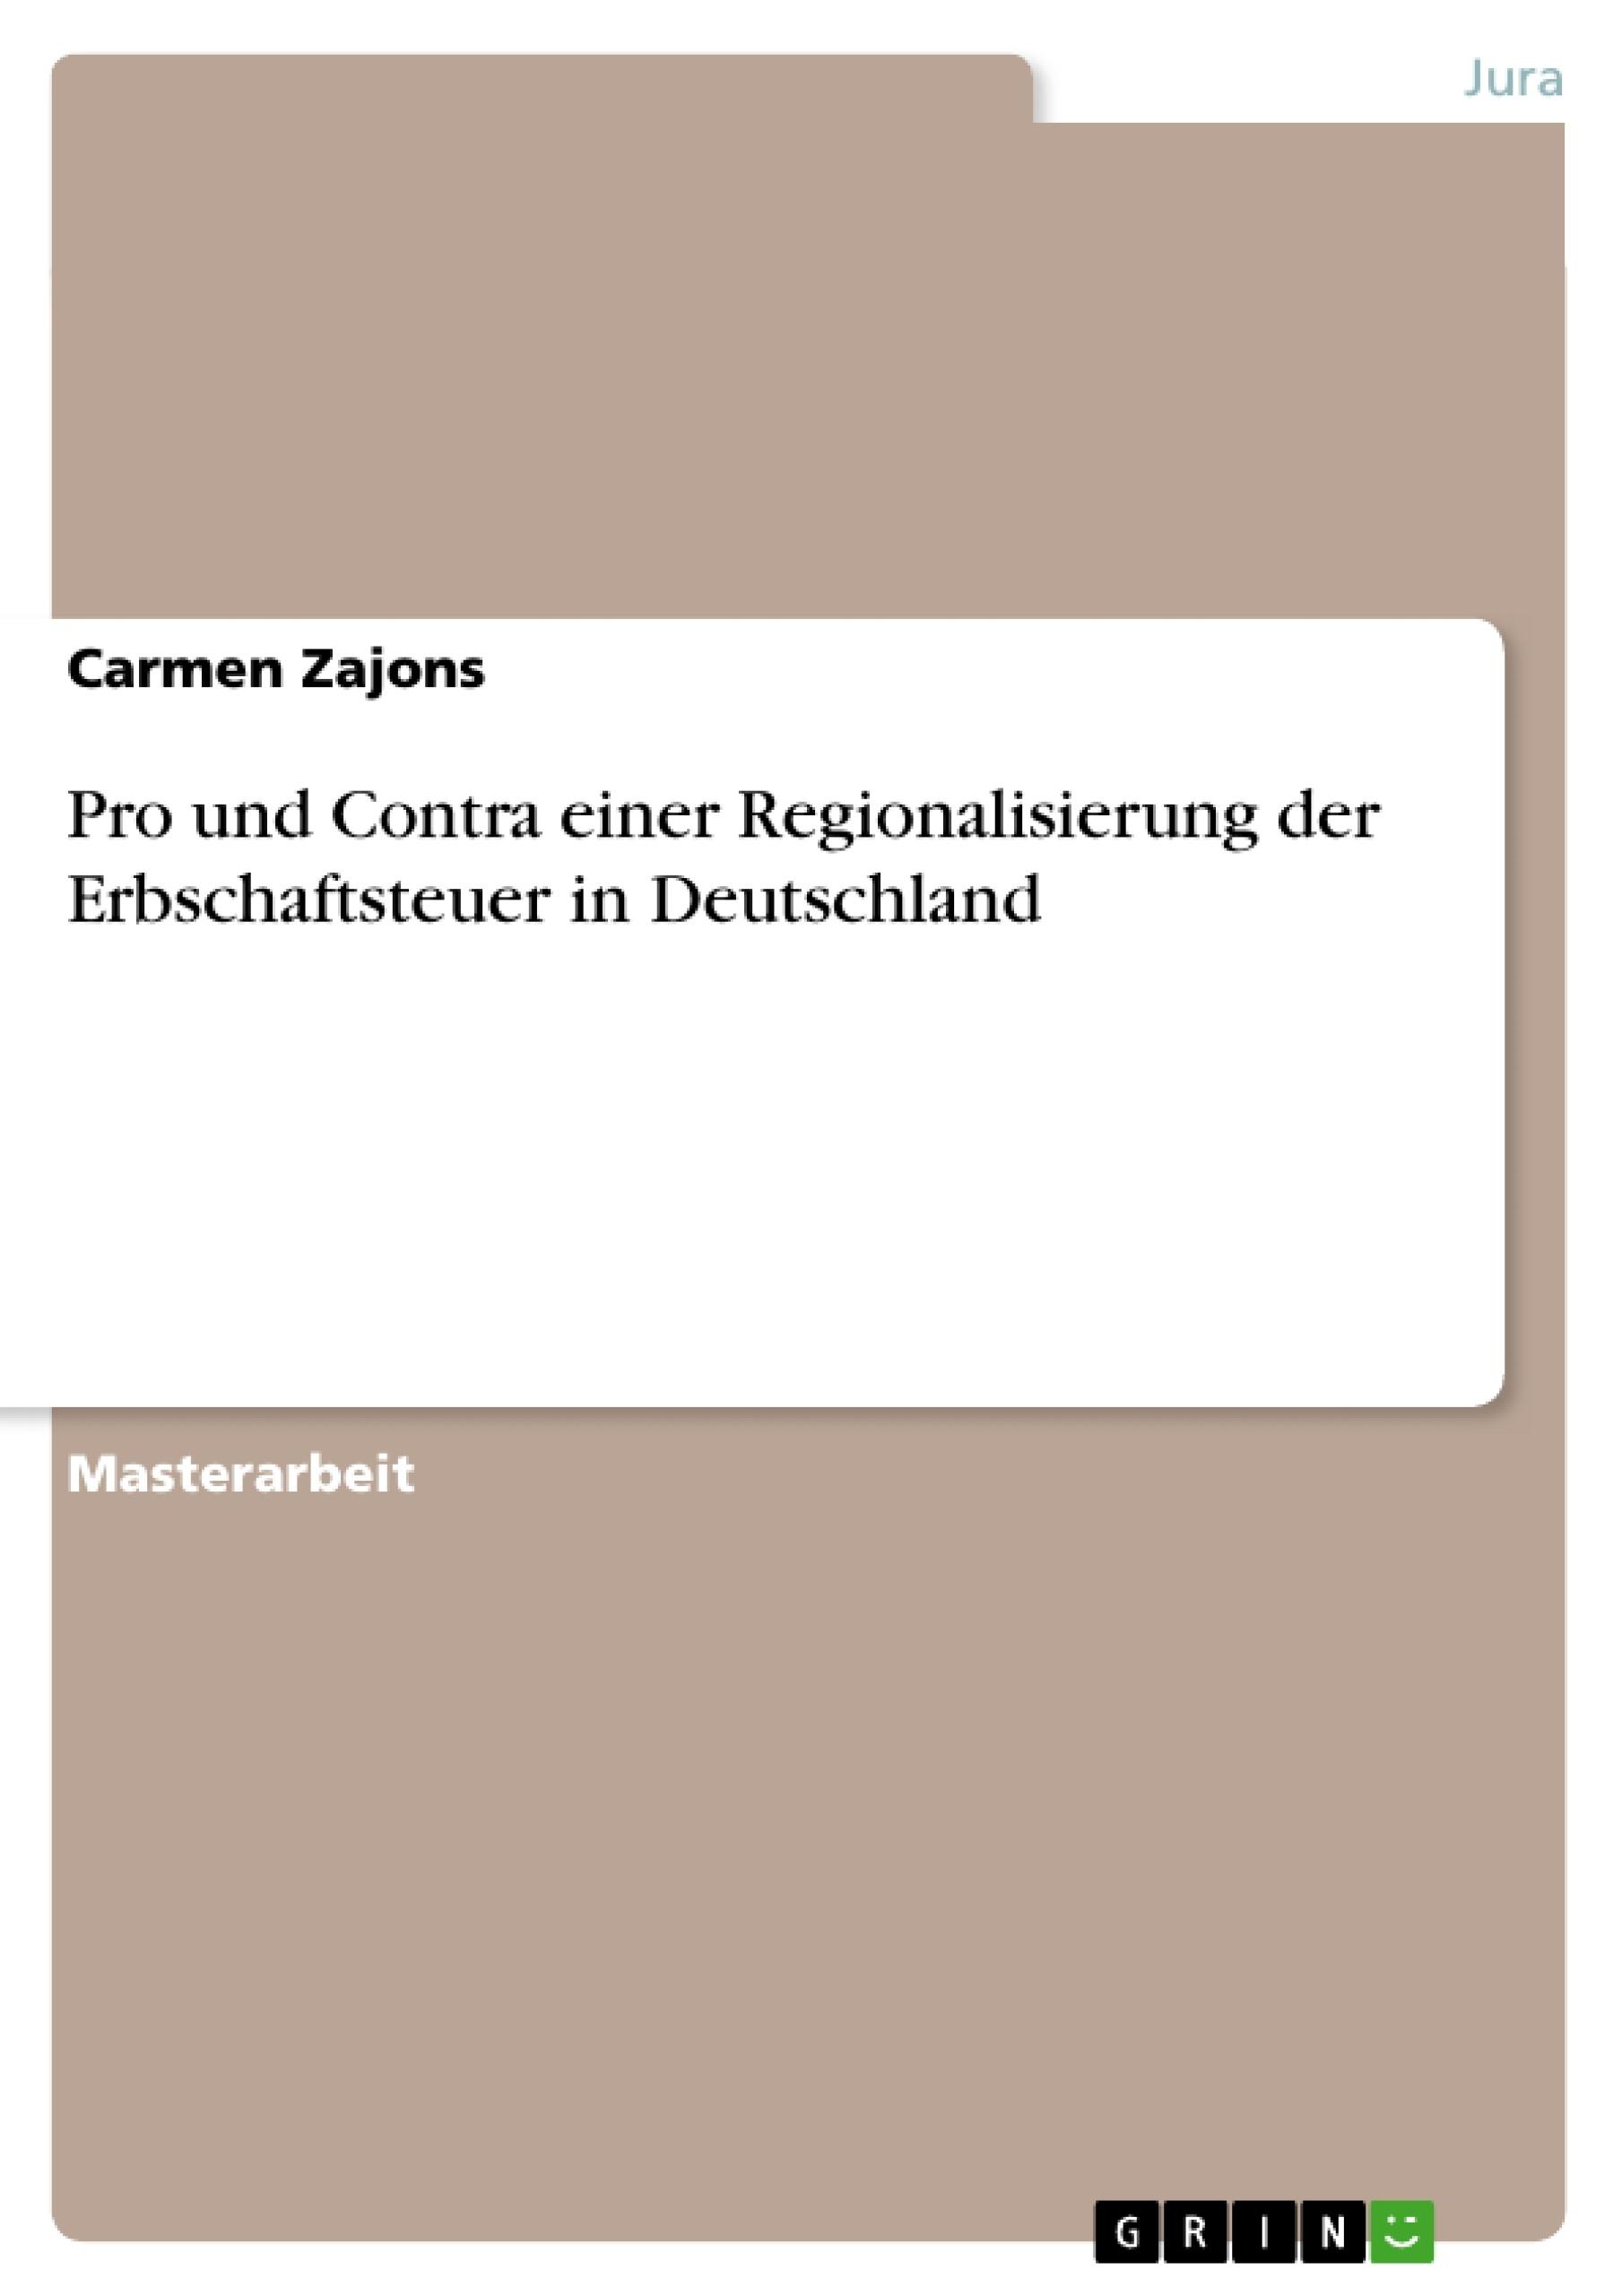 Titel: Pro und Contra einer Regionalisierung der Erbschaftsteuer in Deutschland